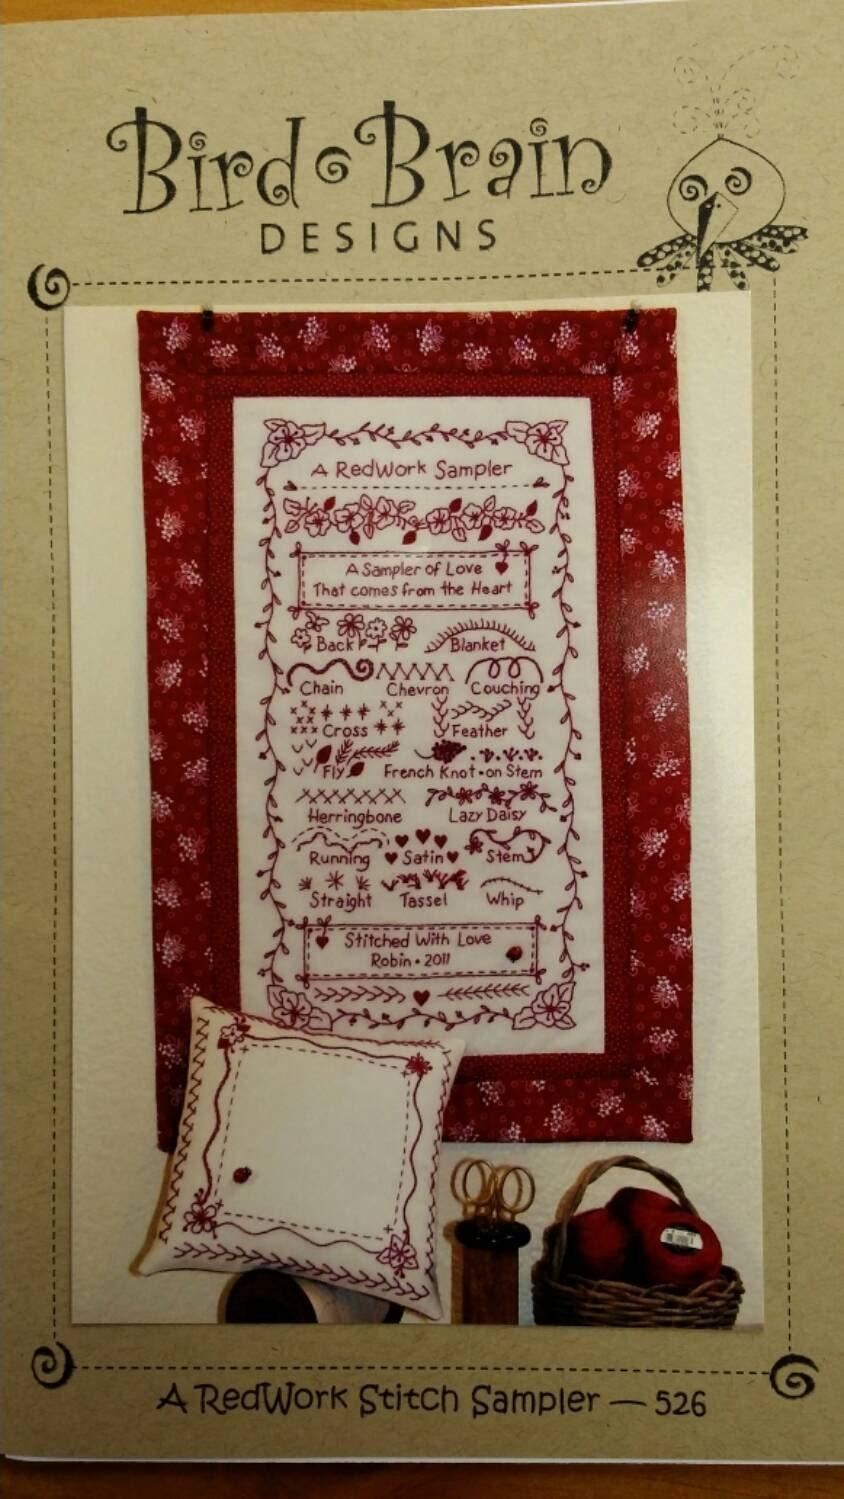 Redwork stitch sampler hand embroidery pattern bird brain